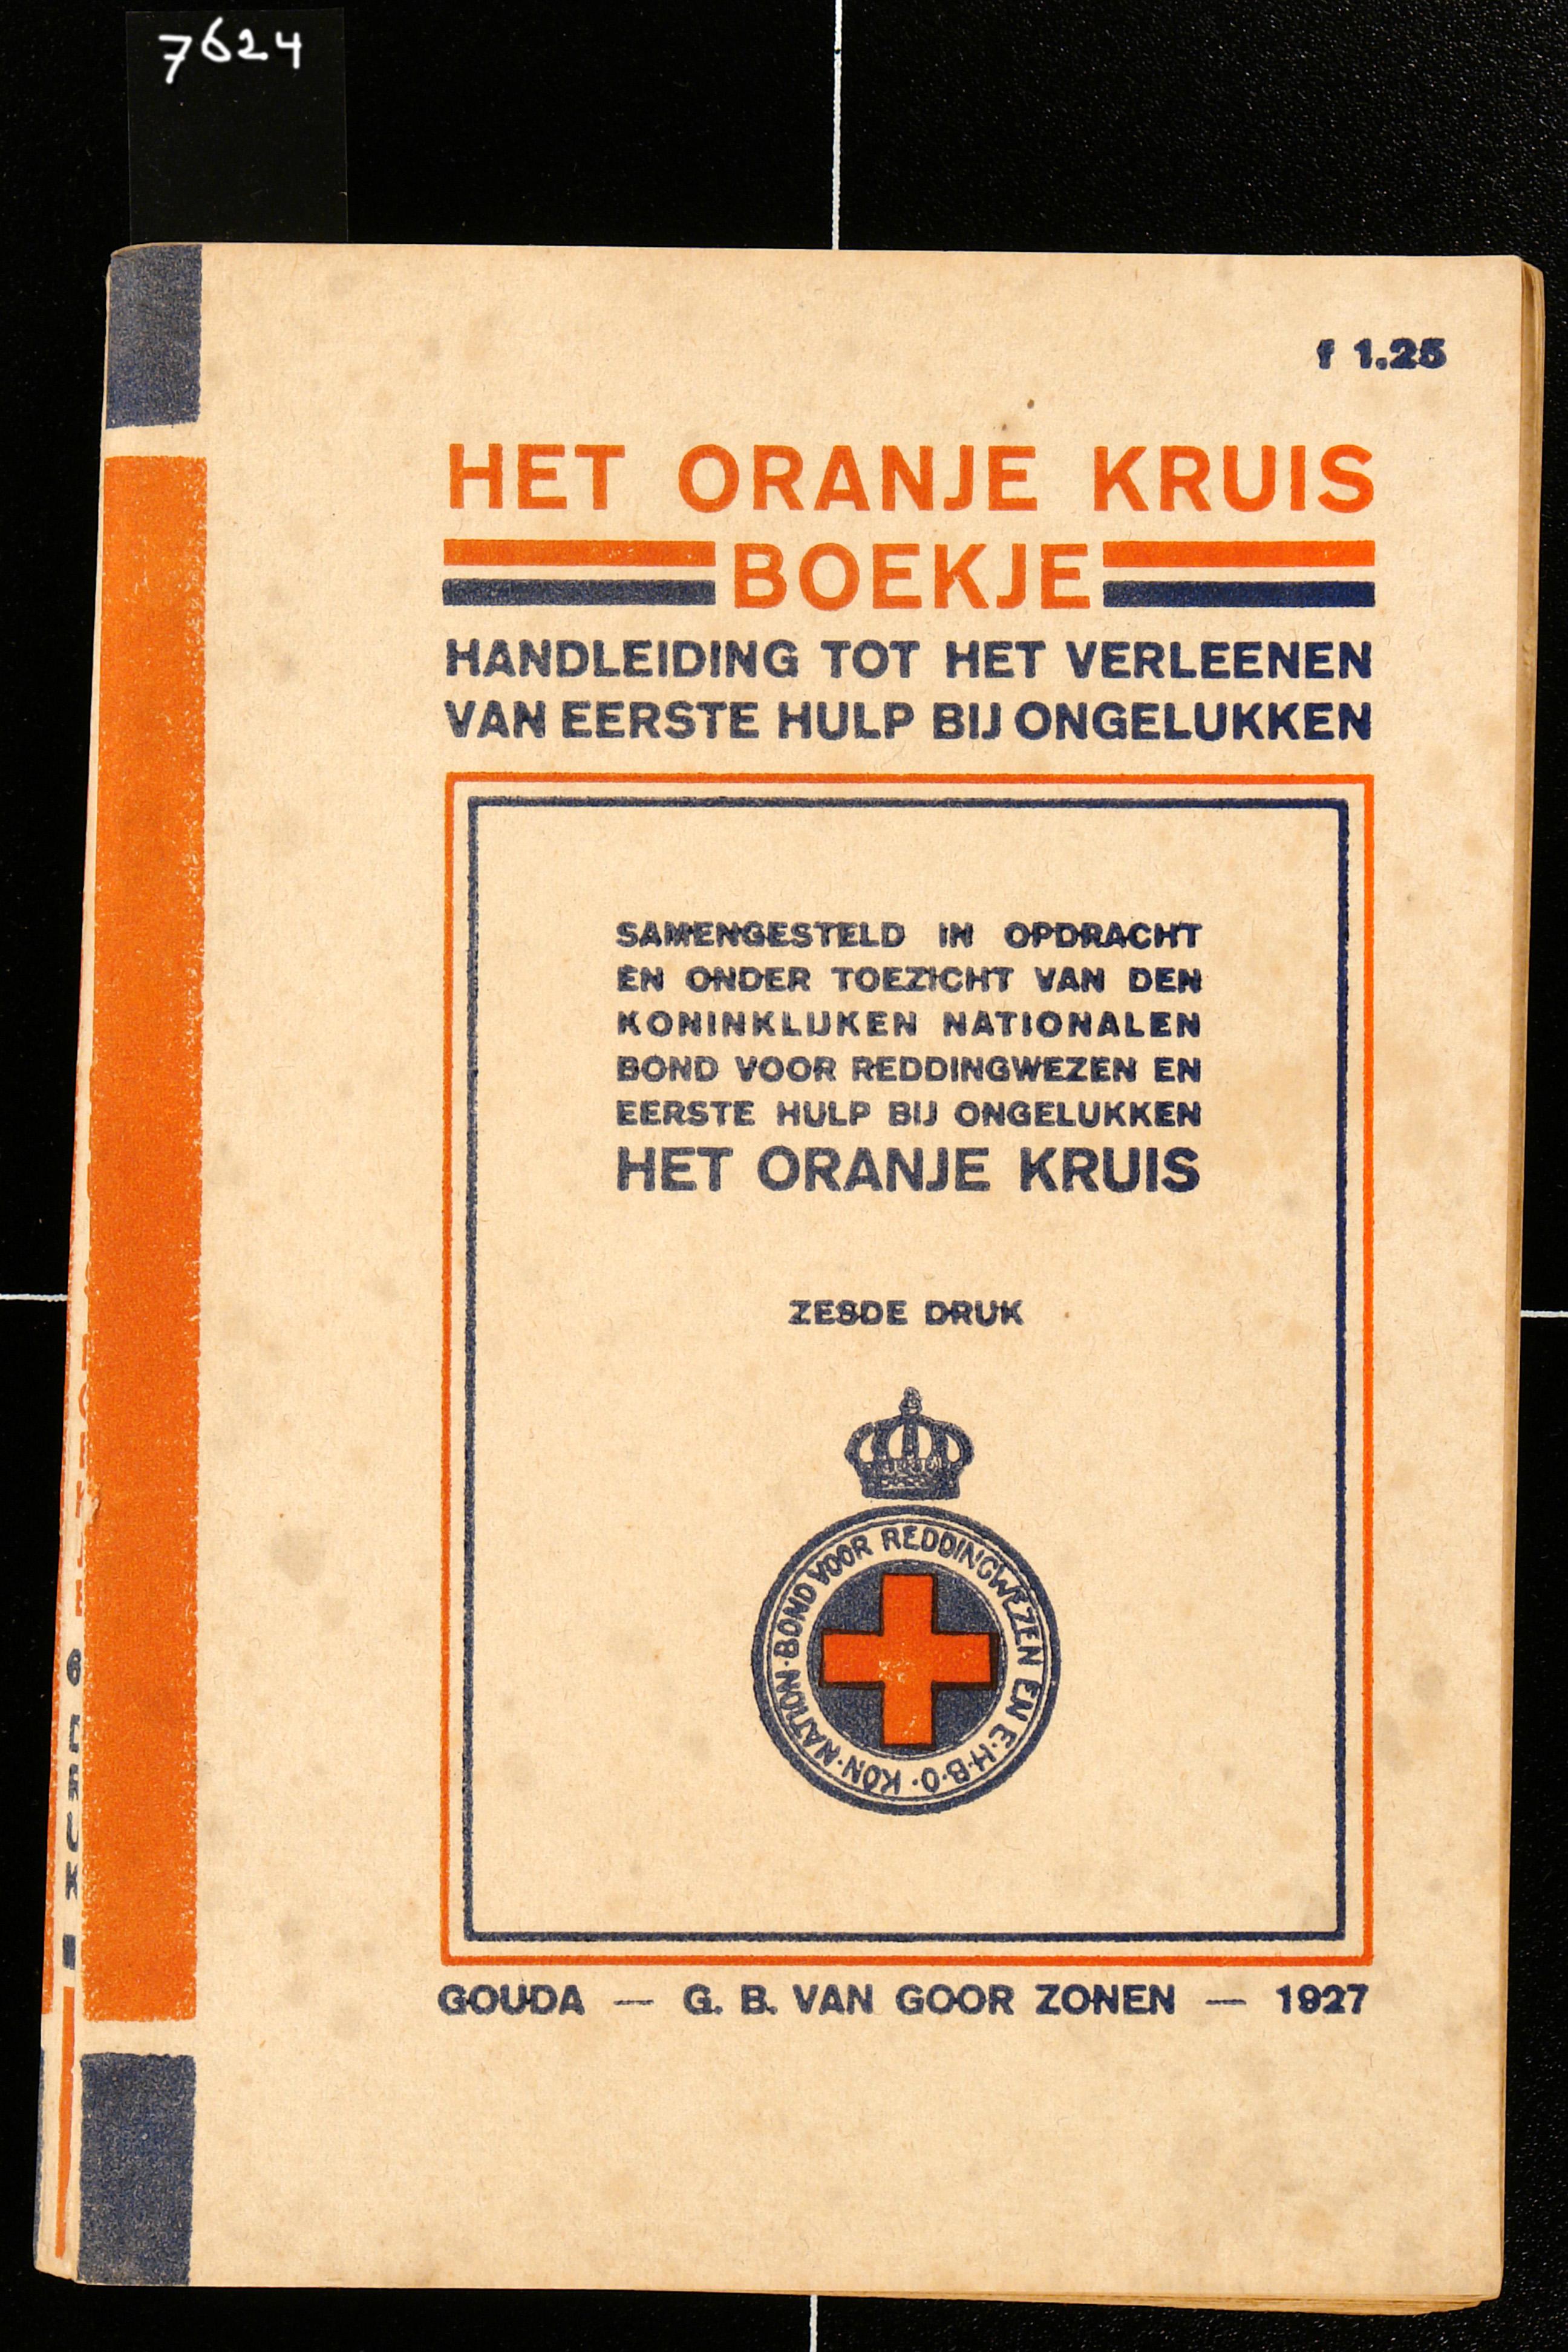 Boek. Oranje kruisboek, 1927